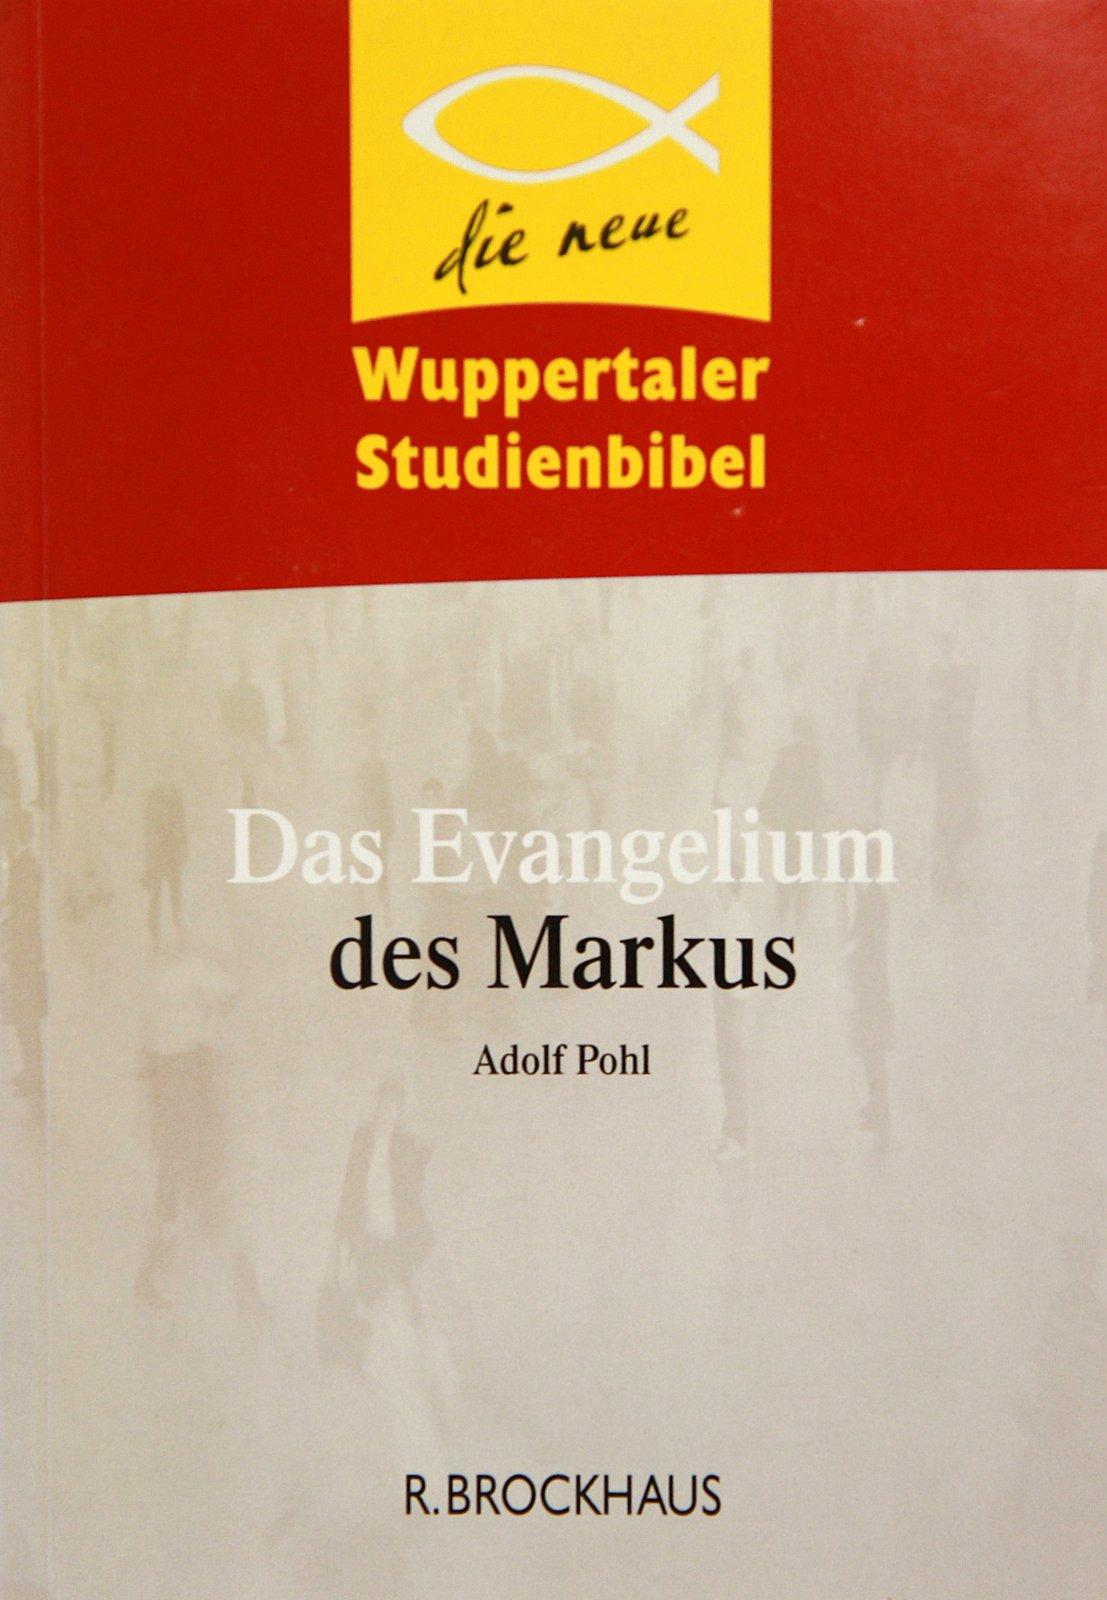 Das Evangelium des Markus. Wuppertaler Studienbibel - Ergänzungsband ...